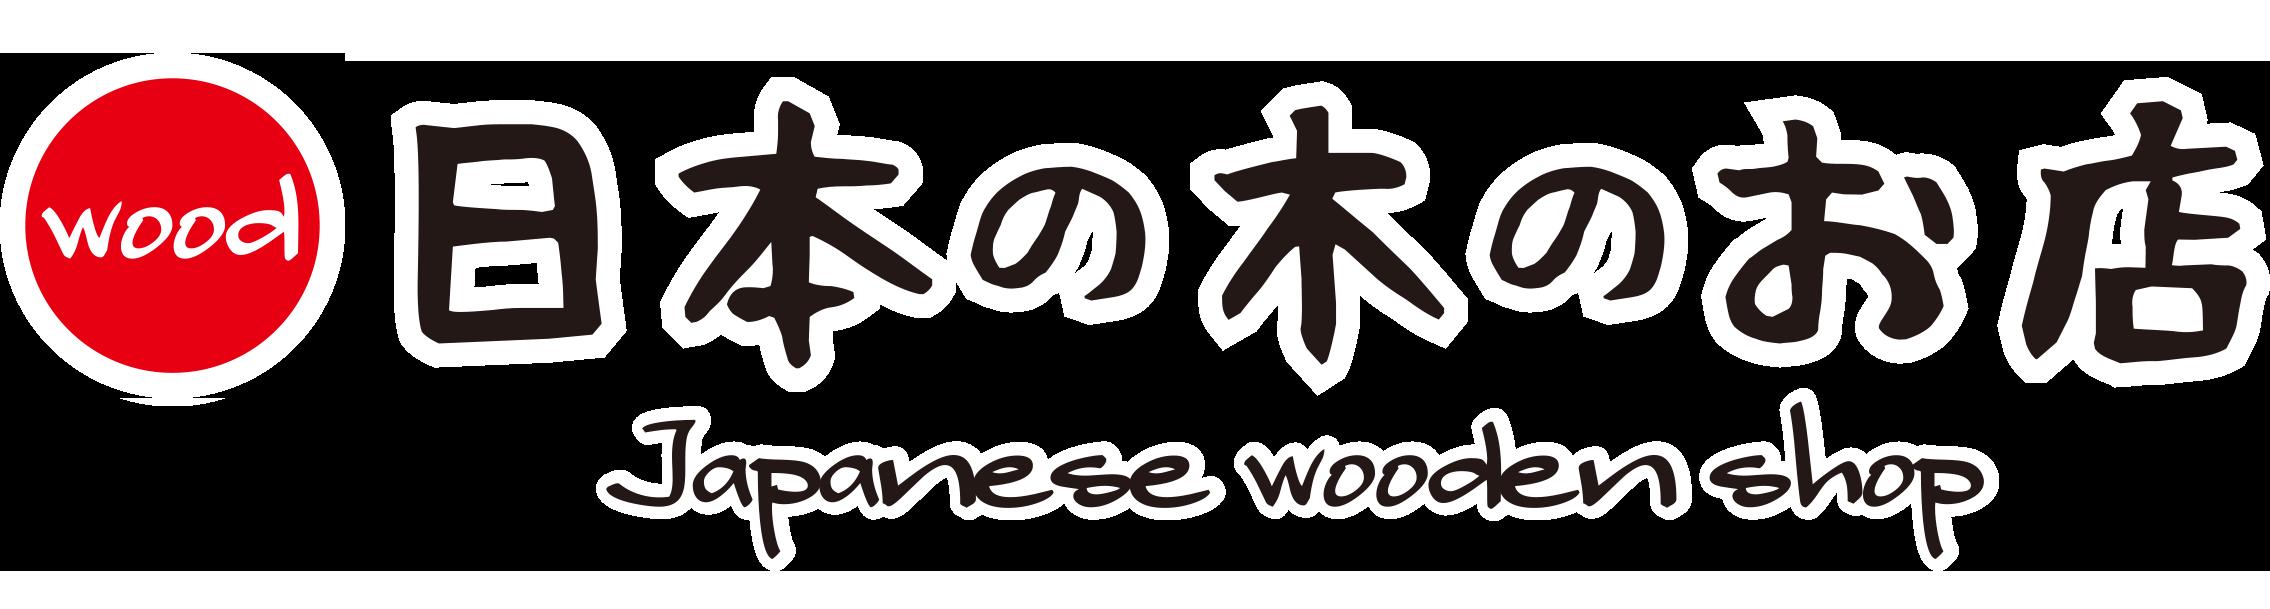 日本の木のお店